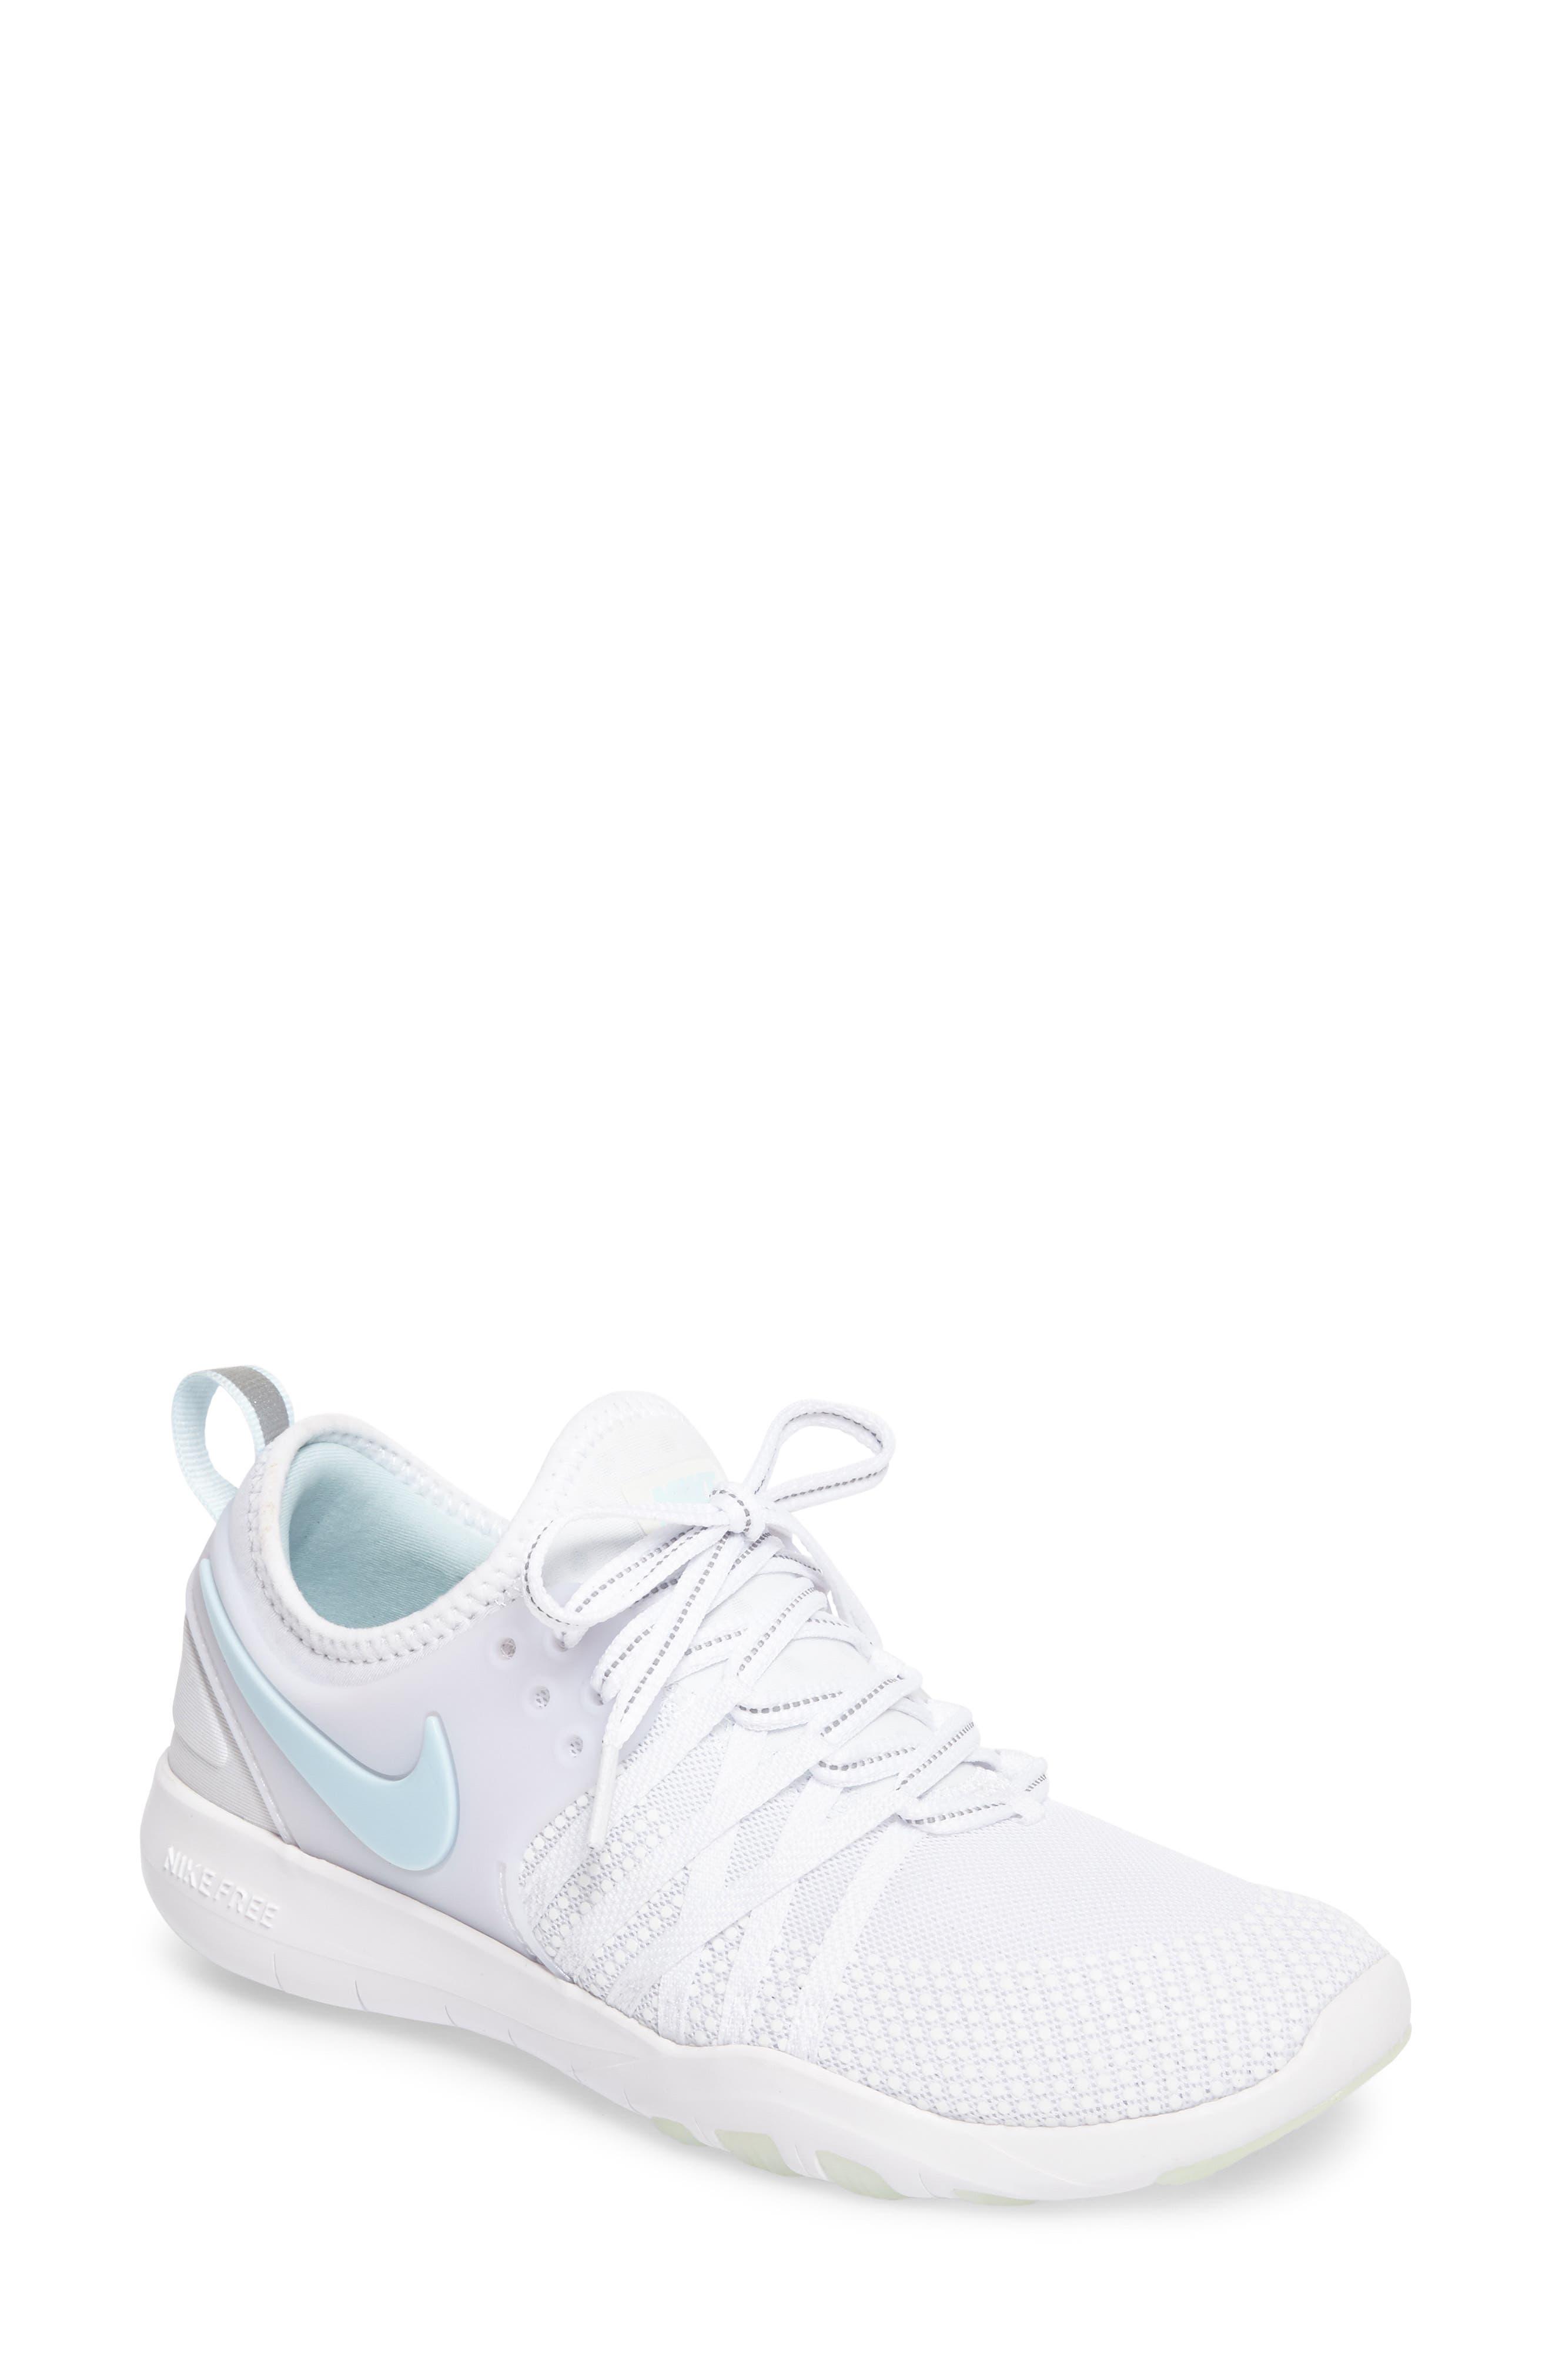 Main Image - Nike Free TR 7 Reflect Training Shoe (Women)